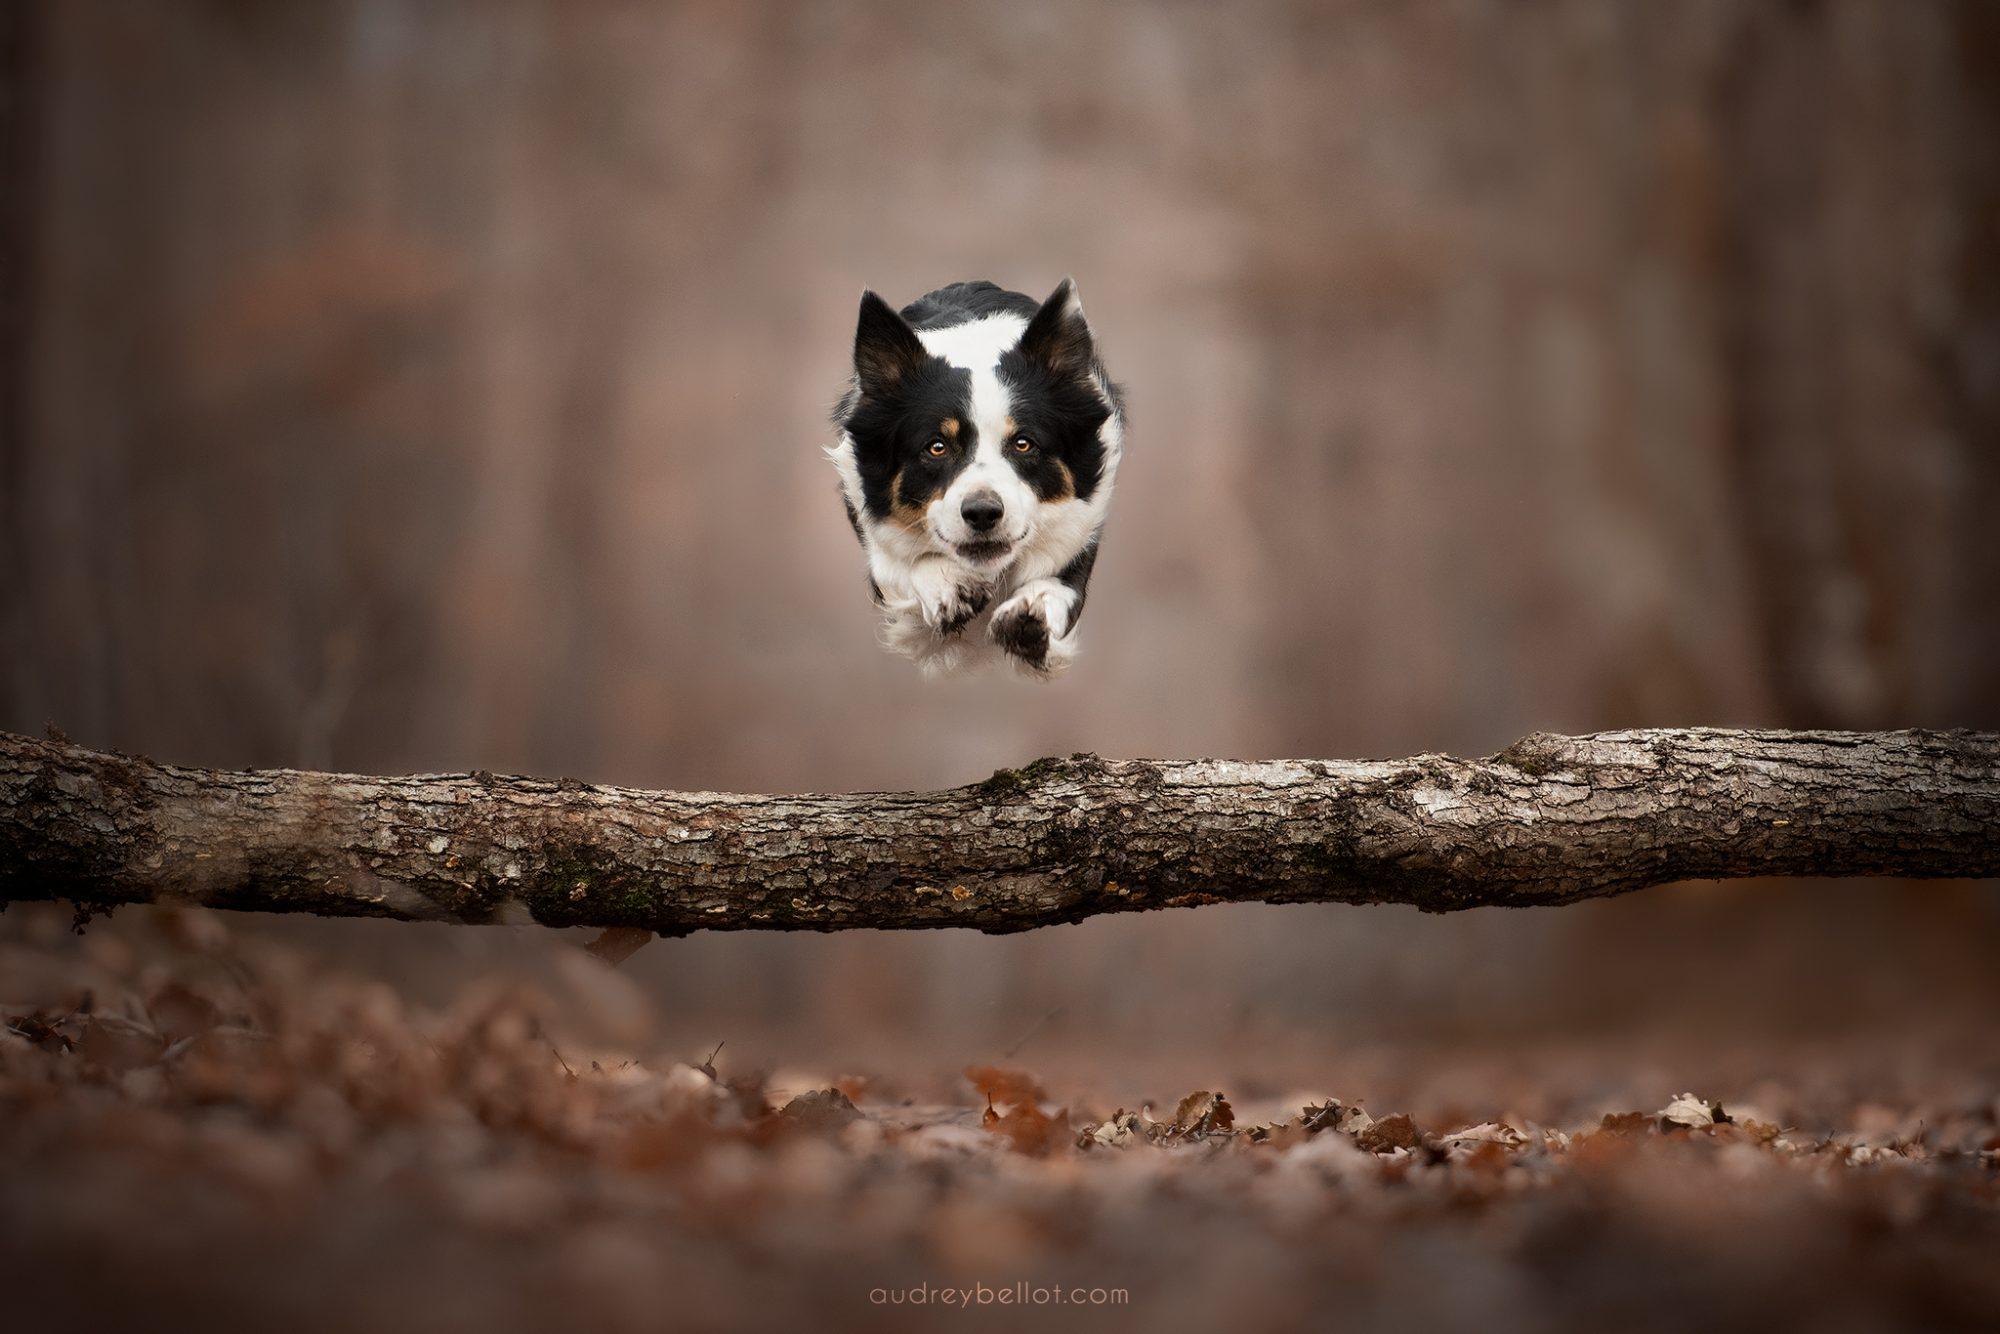 audrey bellot photographe canin professionnel apprendre photo chien workshop photographie canine bretagne